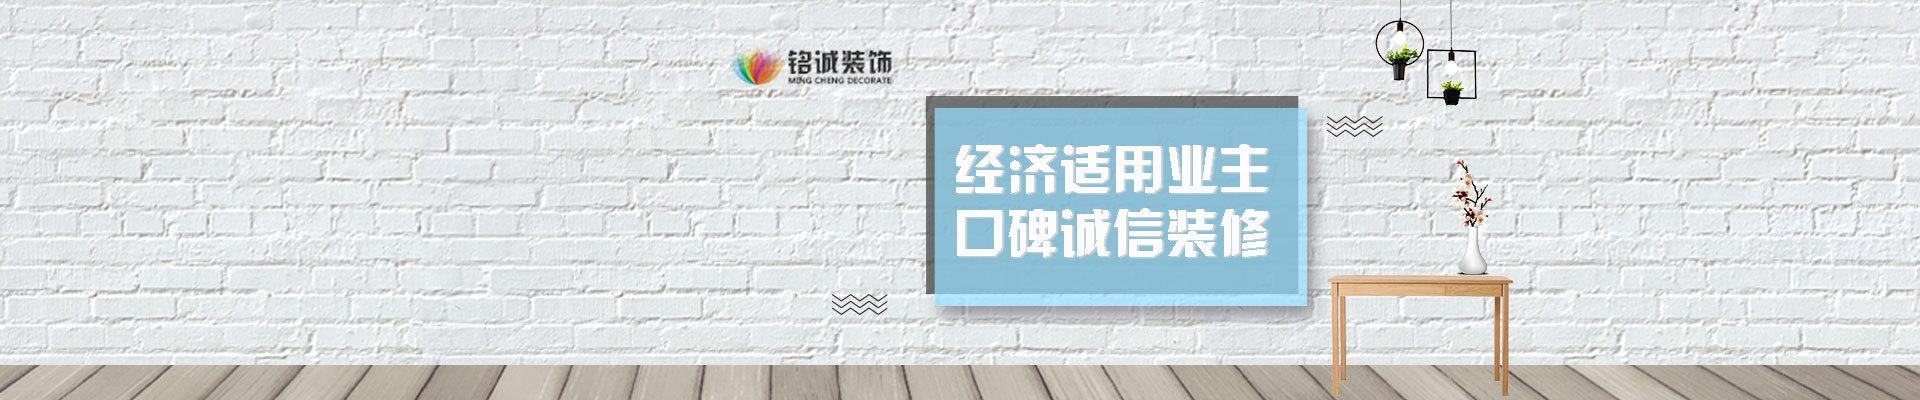 重庆铭诚装饰设计有限公司